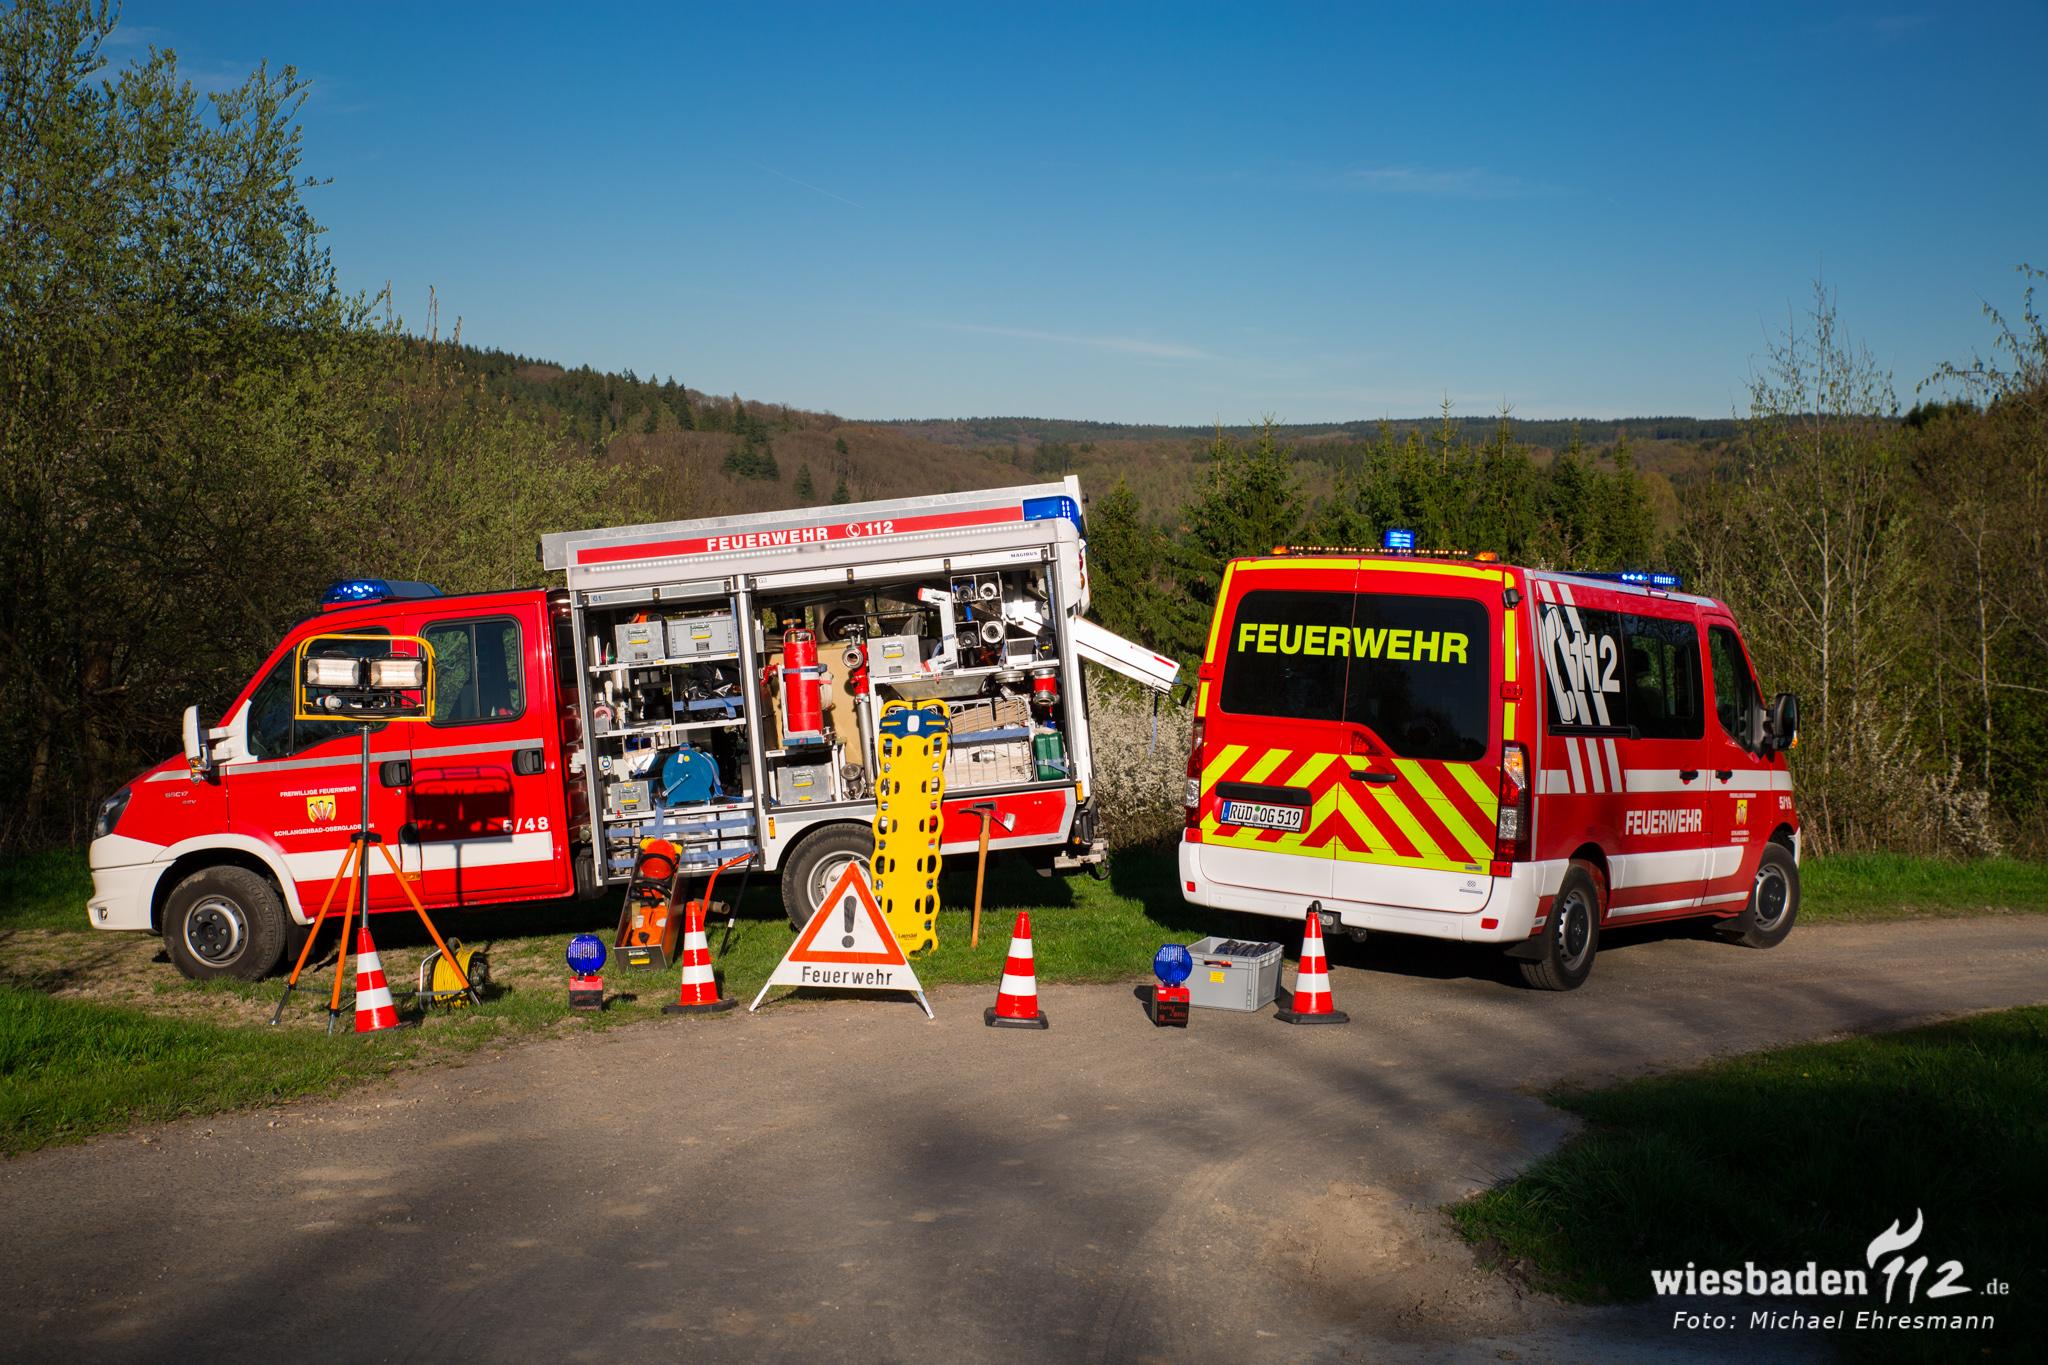 Feuerwehr Schlangenbad-Obergladbach erneuert über 20 Jahre